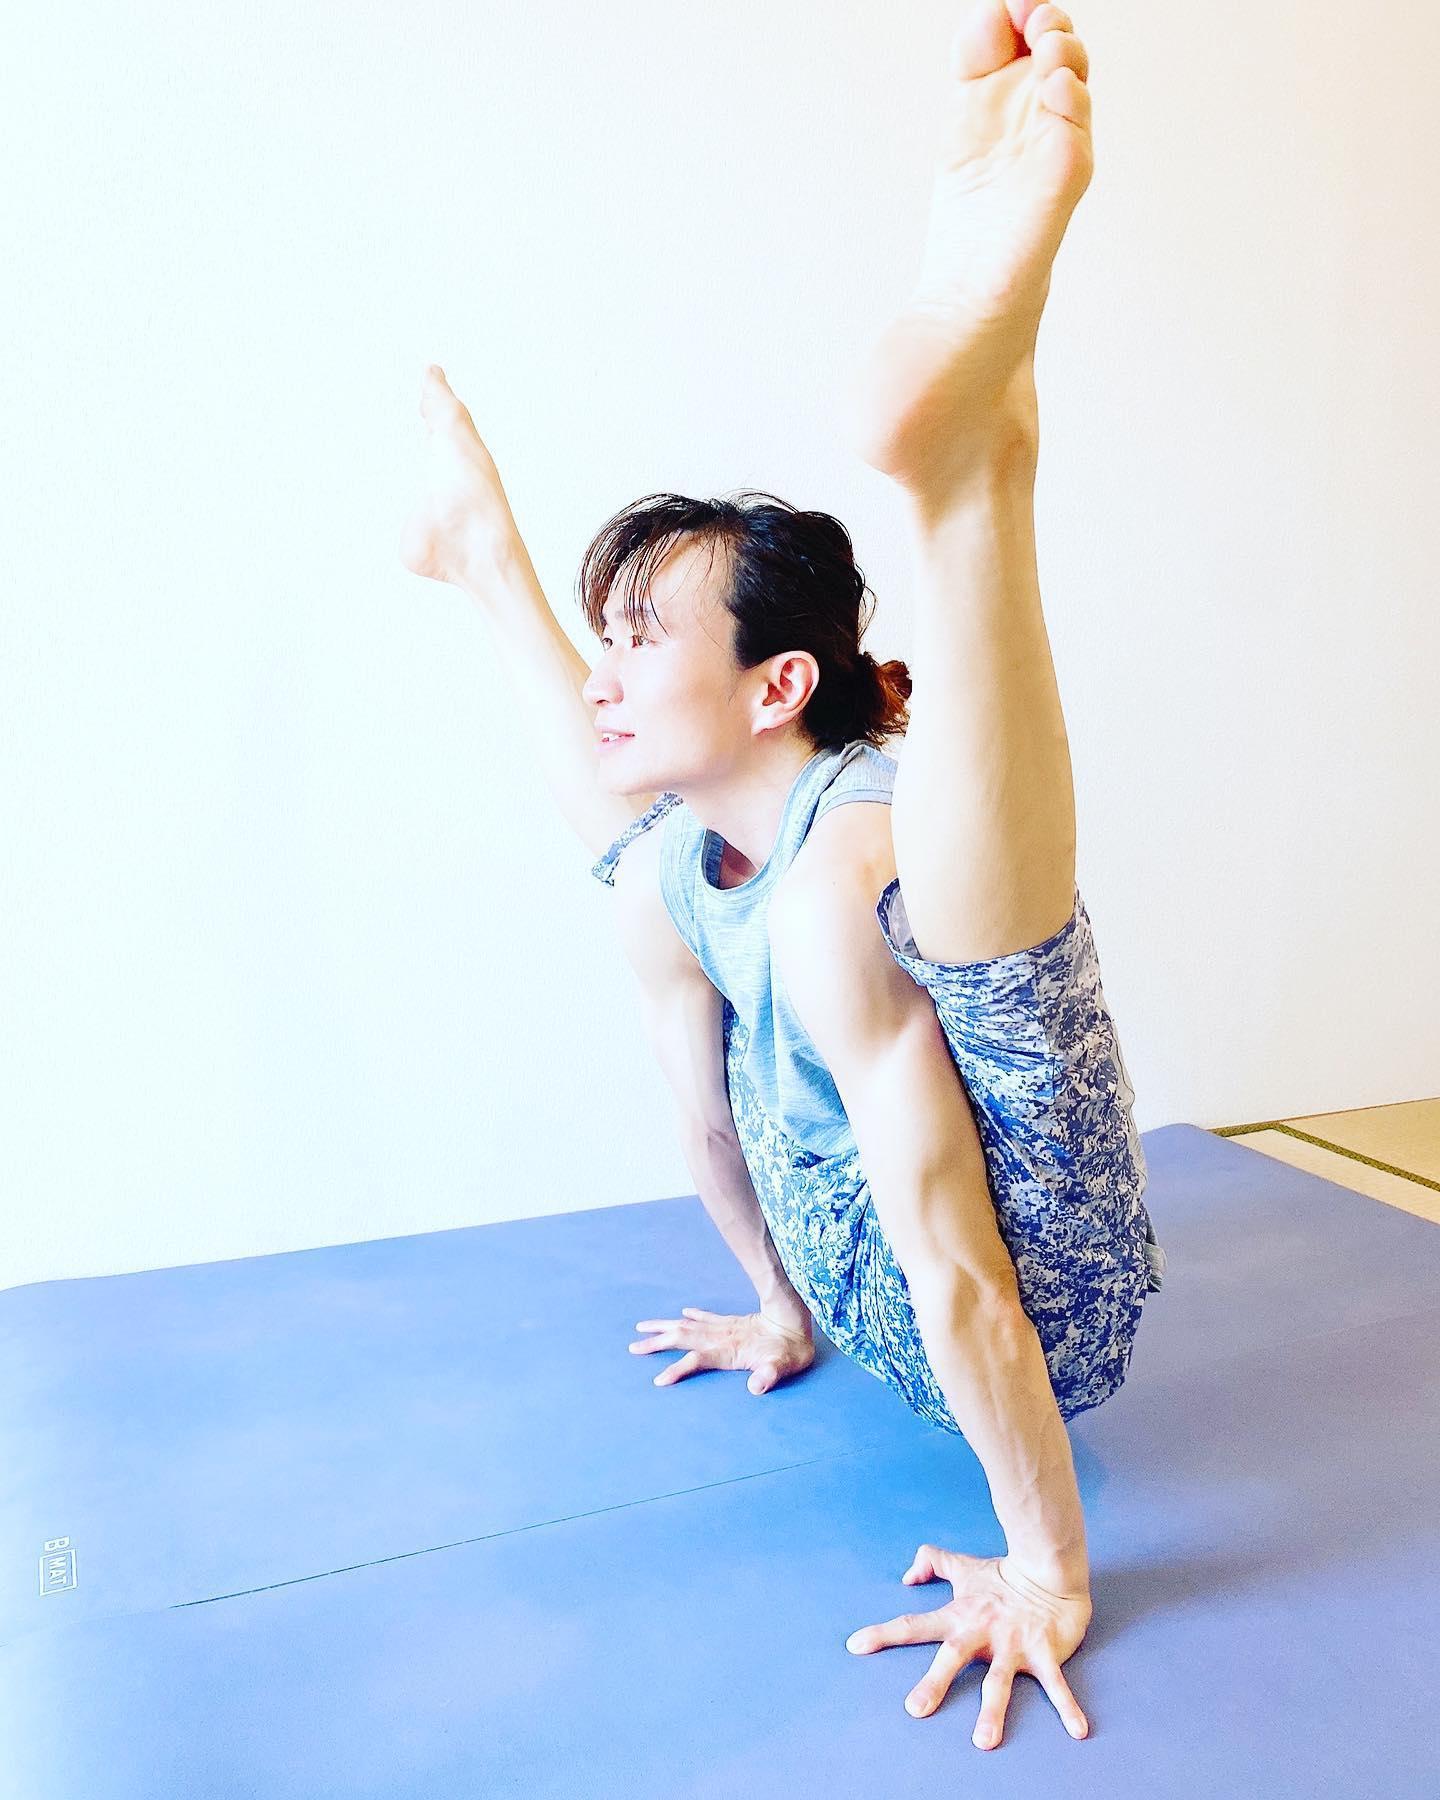 アシュタンガヨガ ティティバーサナ 合田賢二 ヒョニ ひょに ごうだけんじ ゴウダケンジ yoga ヨガ よが はじめてのアシュタンガヨガ